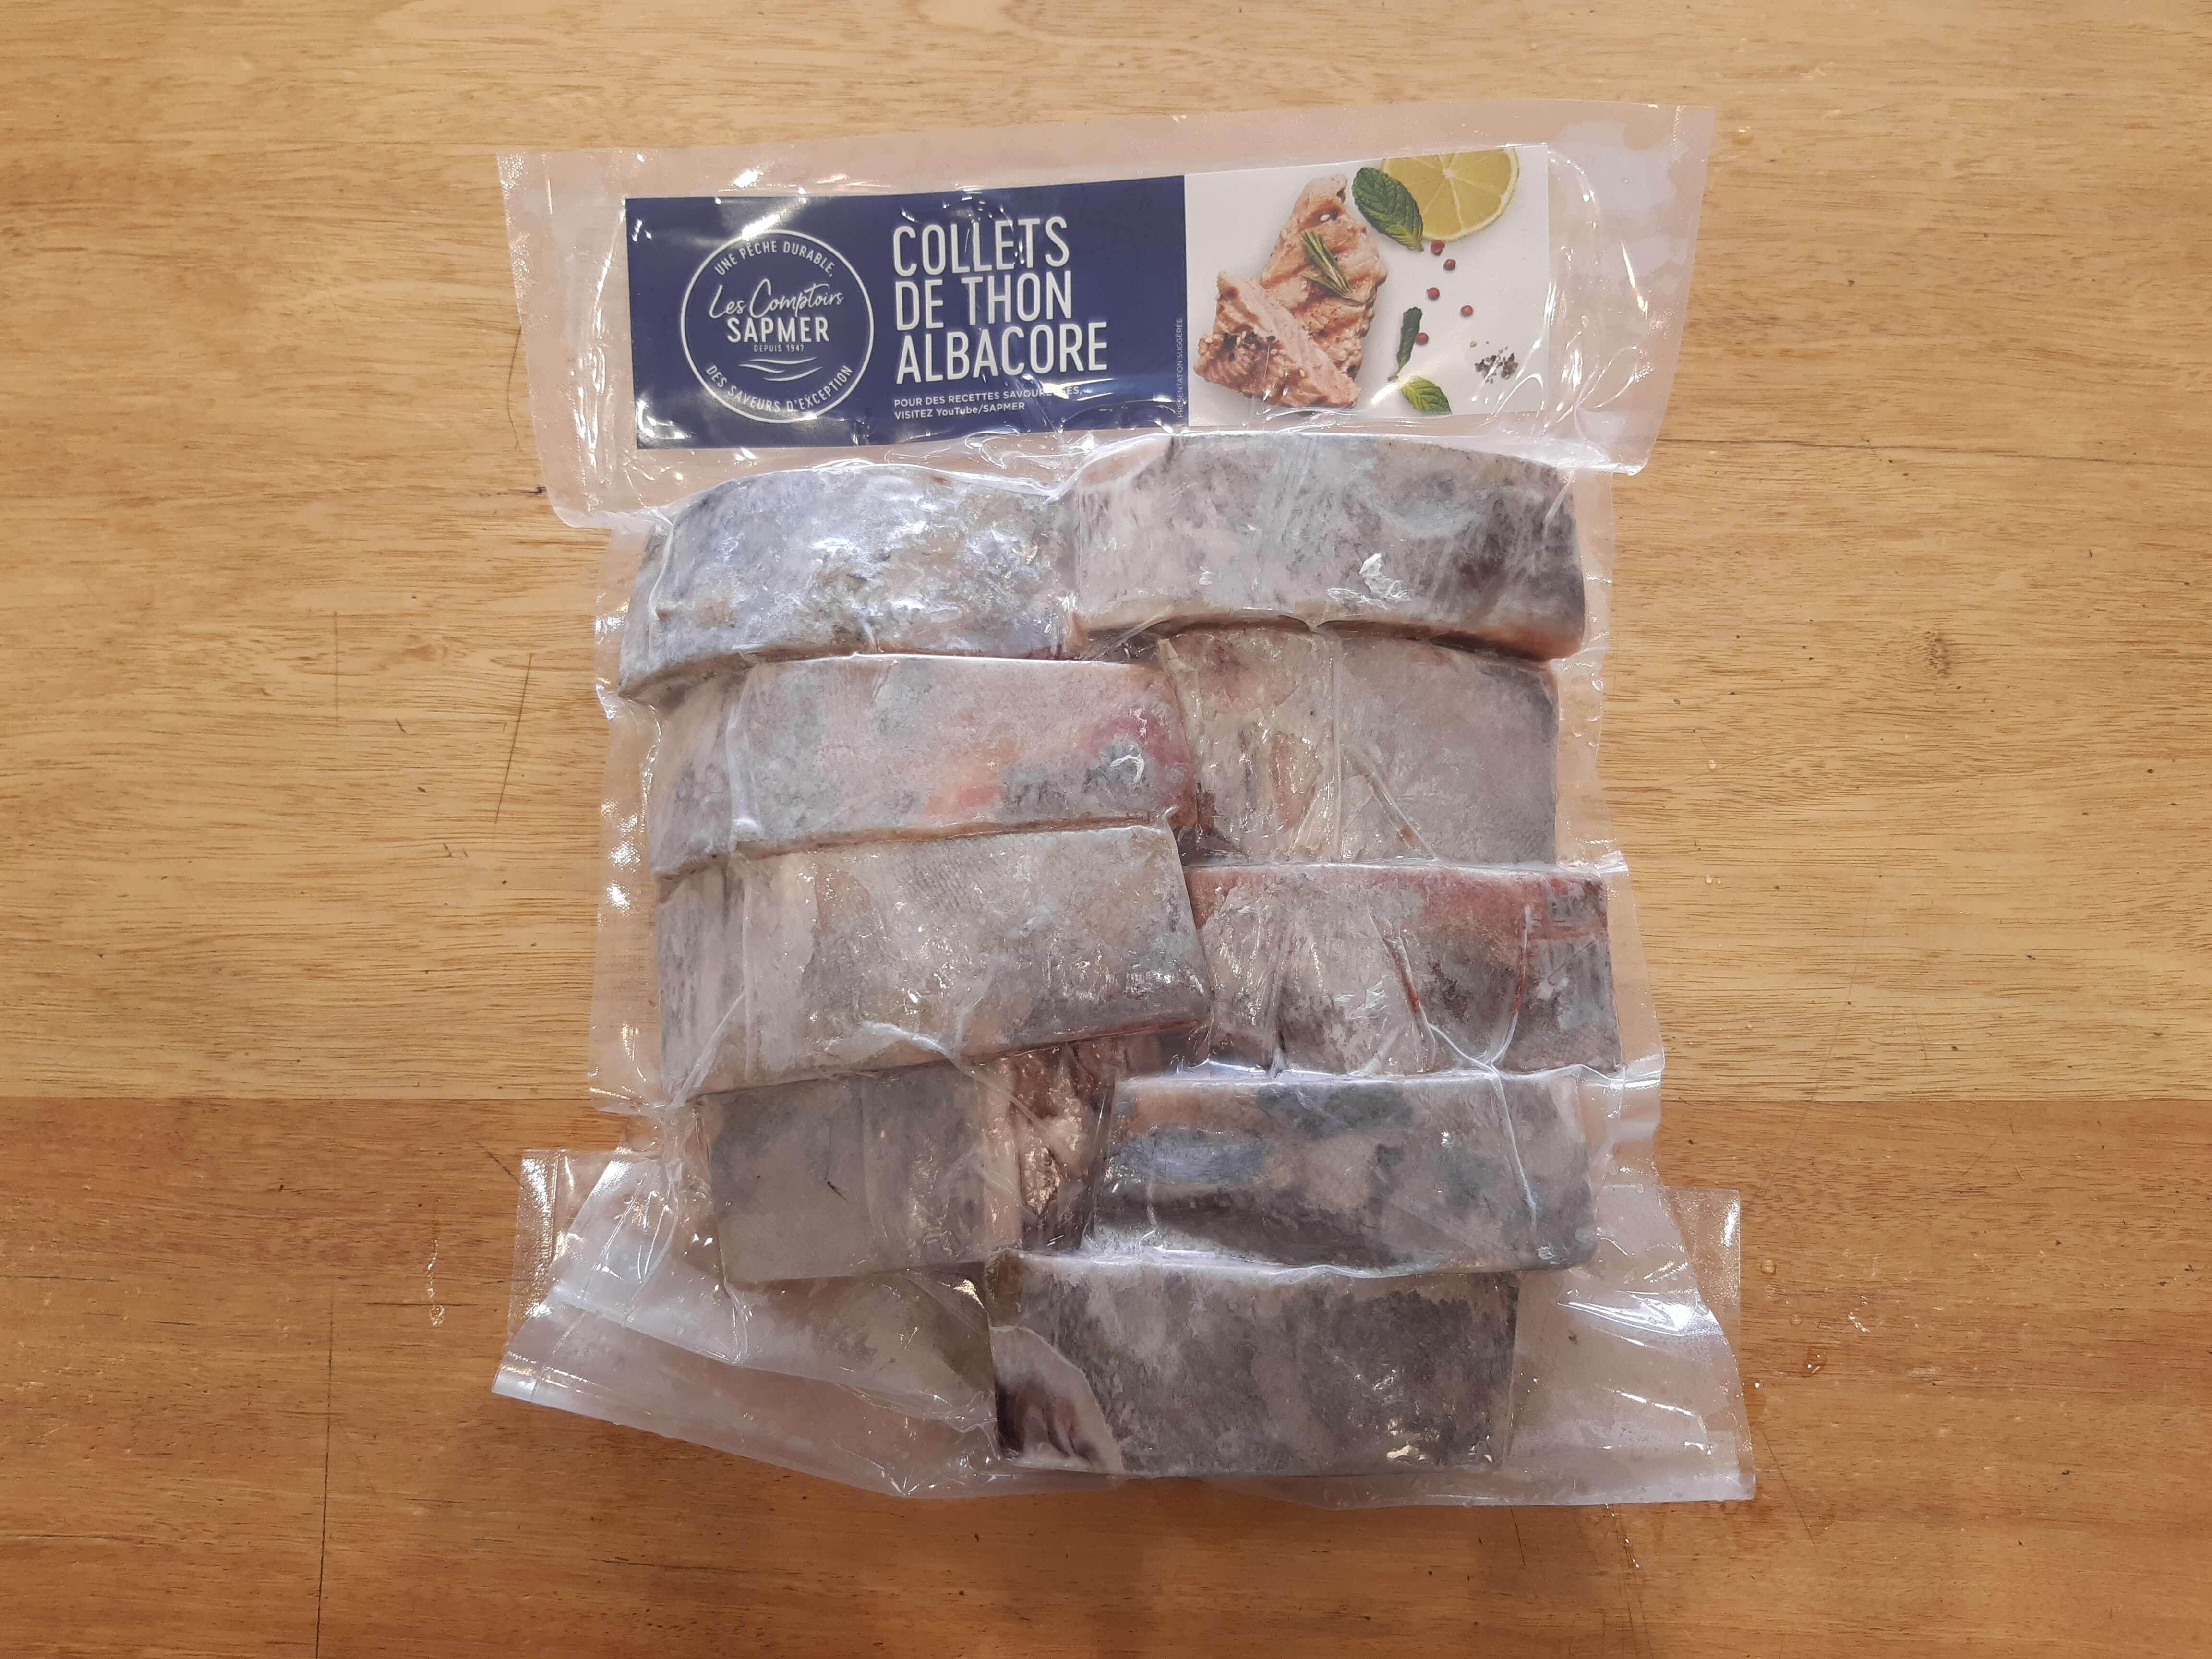 Collet de thon albacore - Sachet 1 kg net